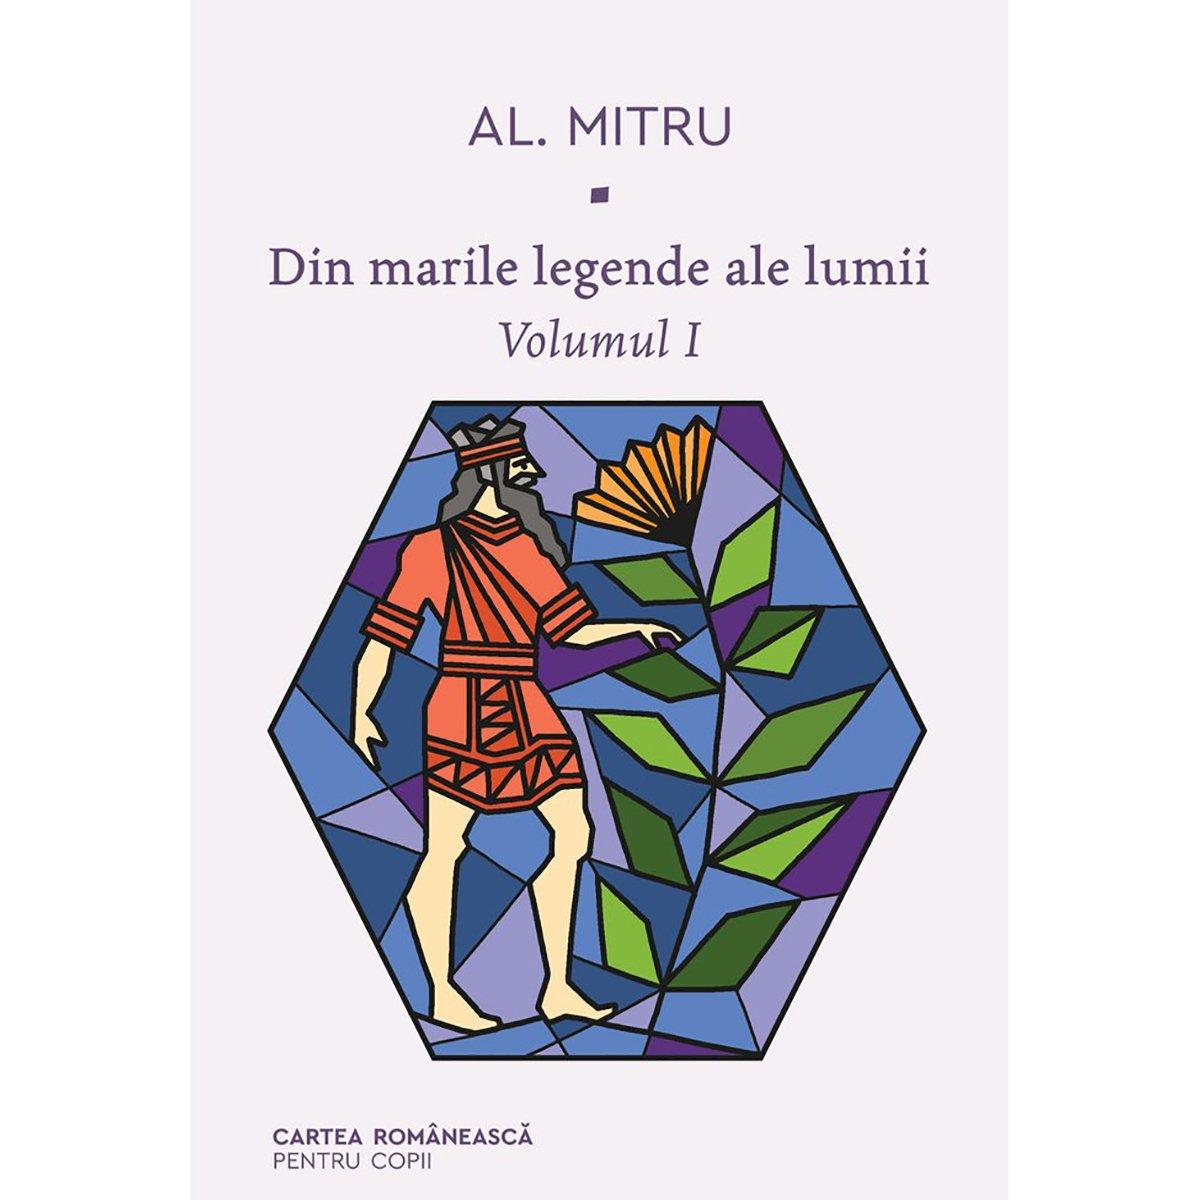 Din marile legende ale lumii, vol 1, Alexandru Mitru